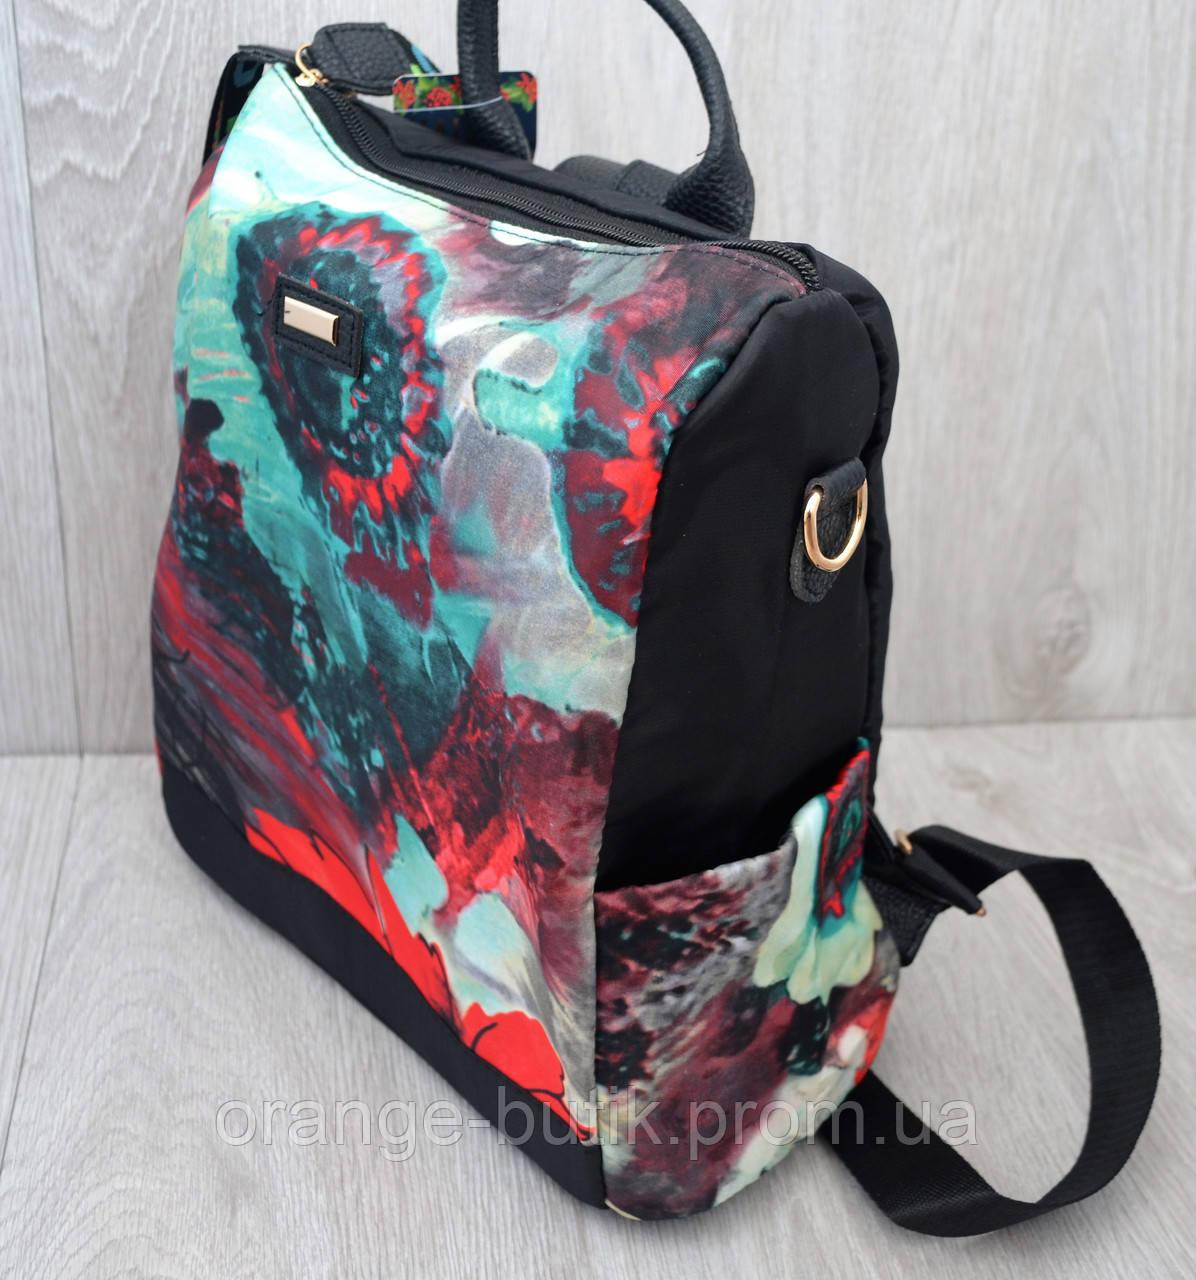 e35e59b3131d Школьная сумка-рюкзак с абстрактным принтом, ассортимент цветов ...